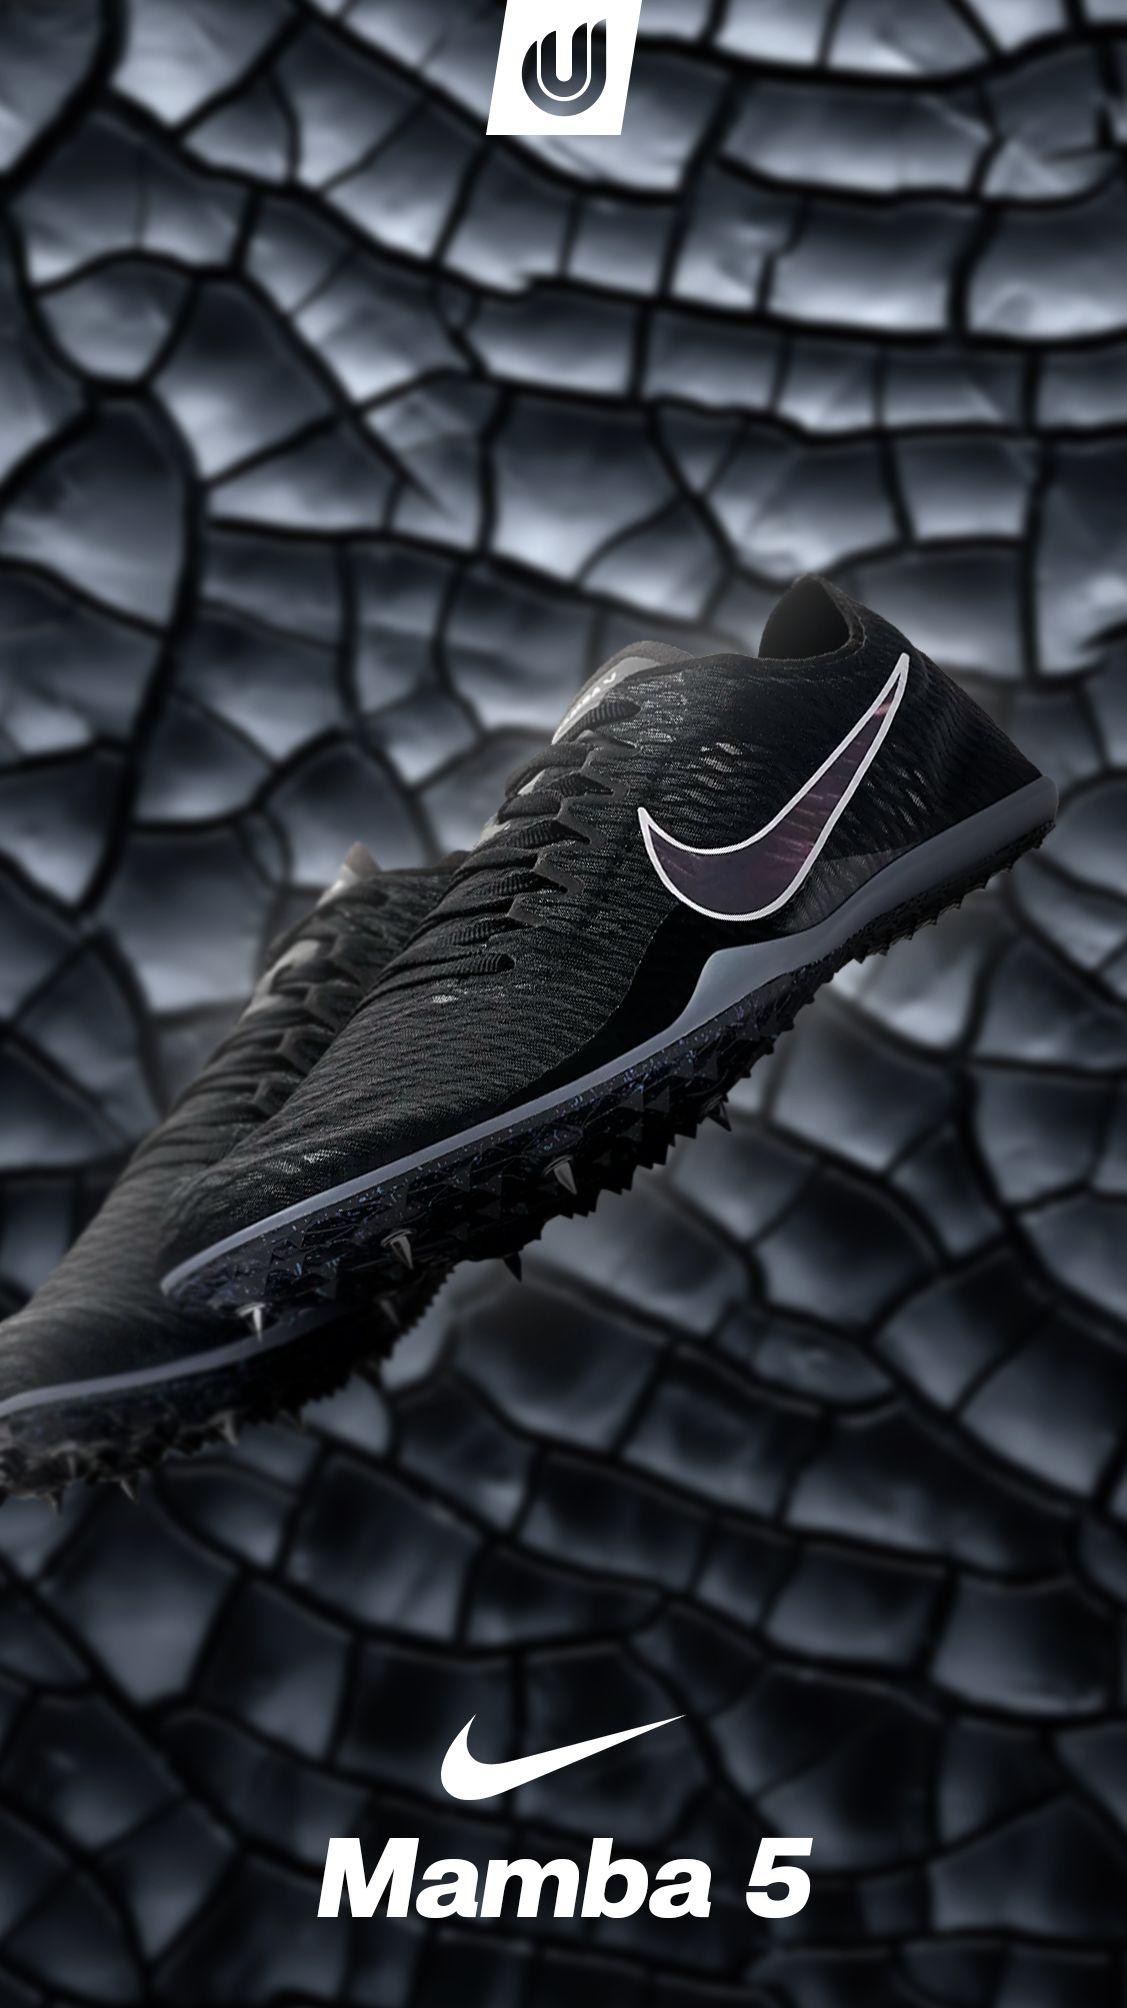 Monografía colonia Vadear  Nike Zapatillas de clavos para atletismo Mamba 5 | Zapatillas de clavos,  Nike, Comprar nike